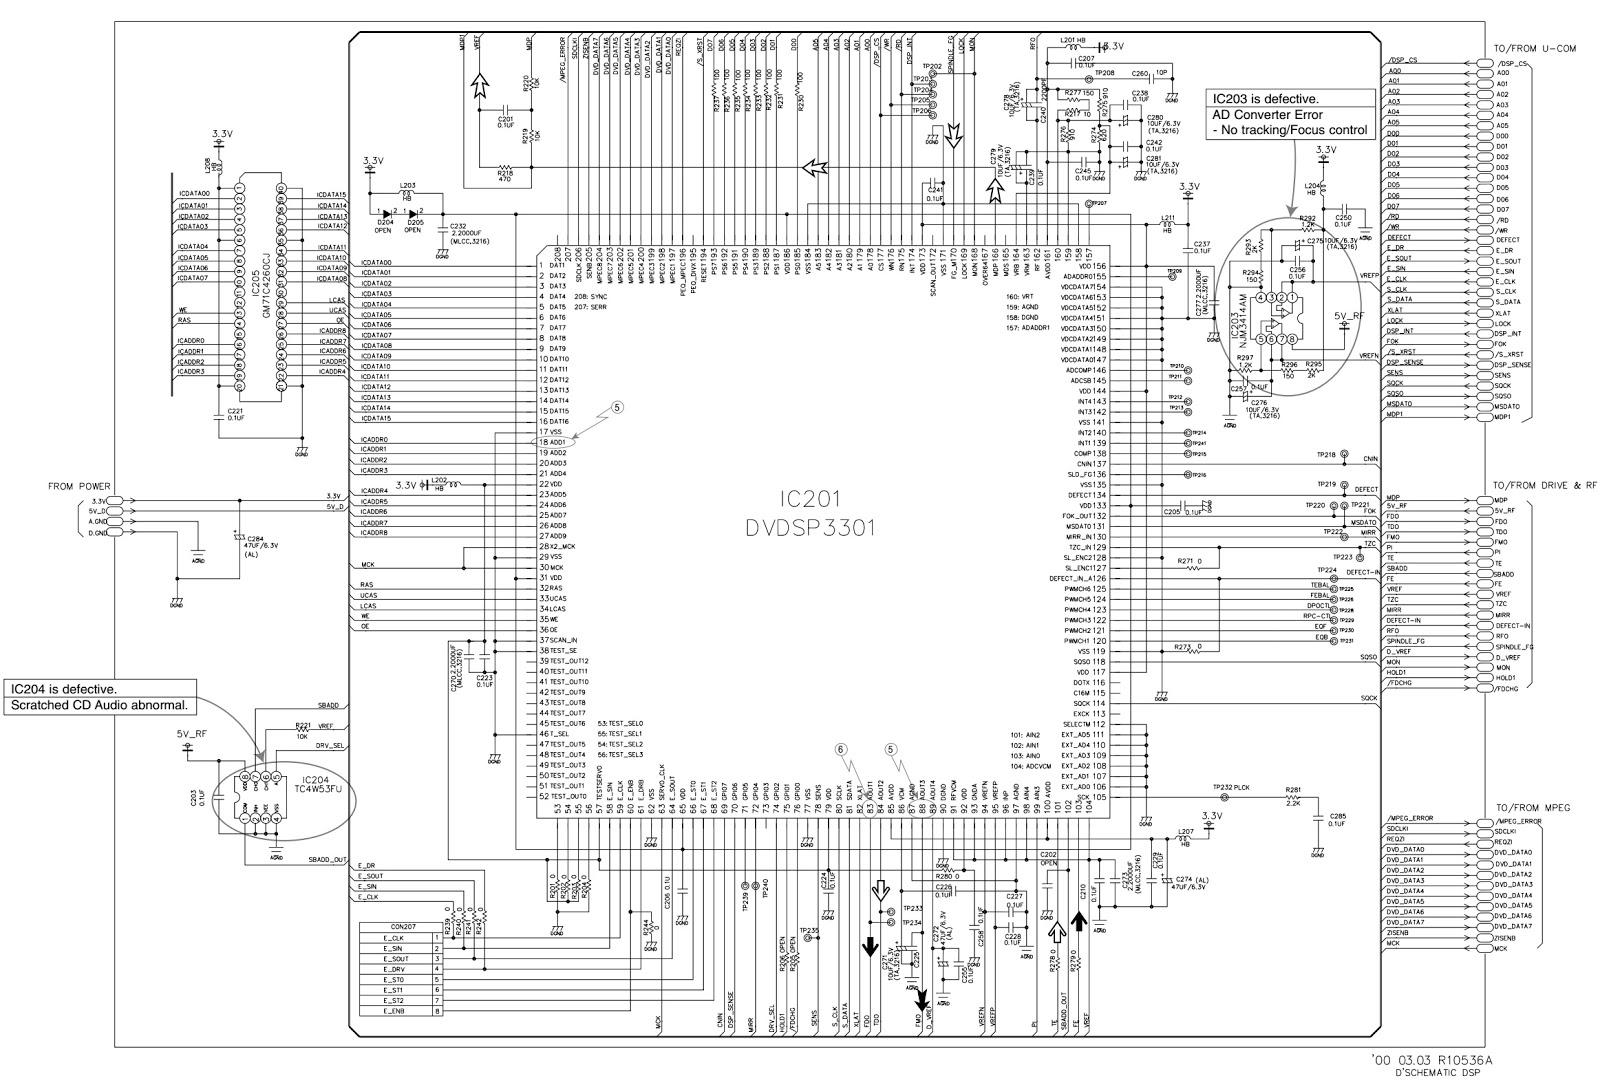 small resolution of 42 vizio tv schematic diagram wiring diagram 42 vizio tv schematic diagram